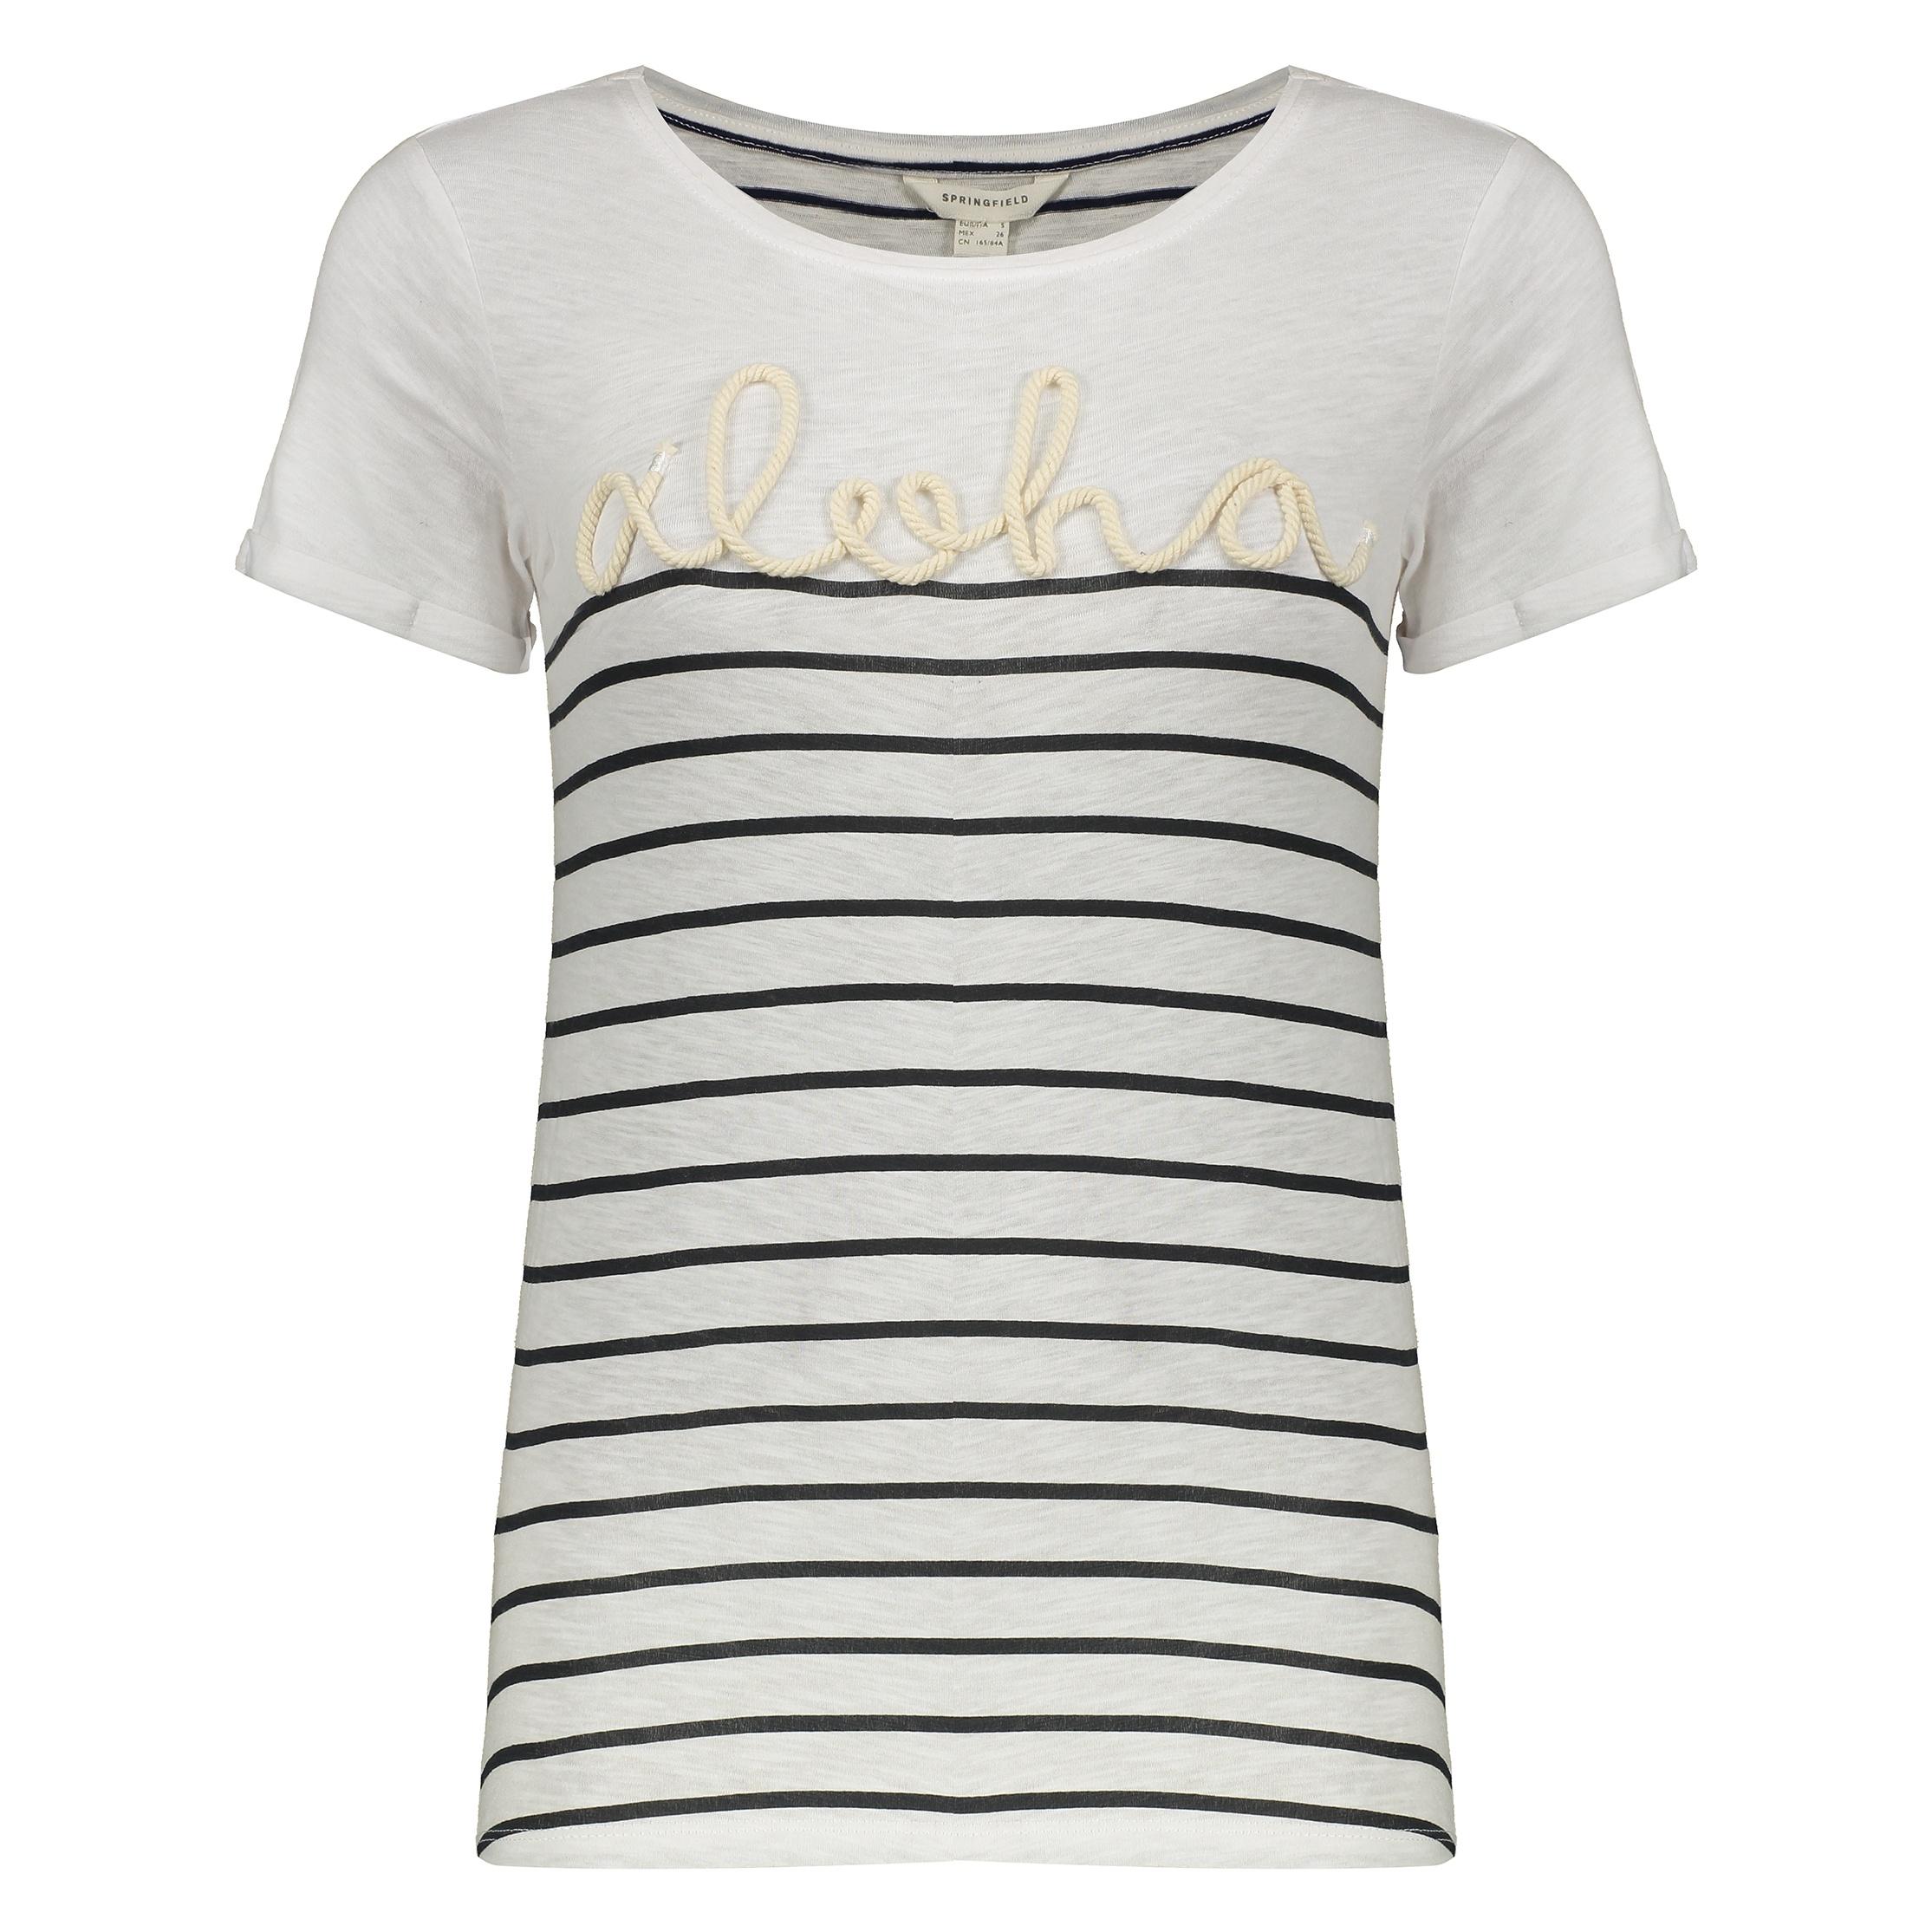 تی شرت زنانه اسپرینگ فیلد مدل 1383035-WHITE